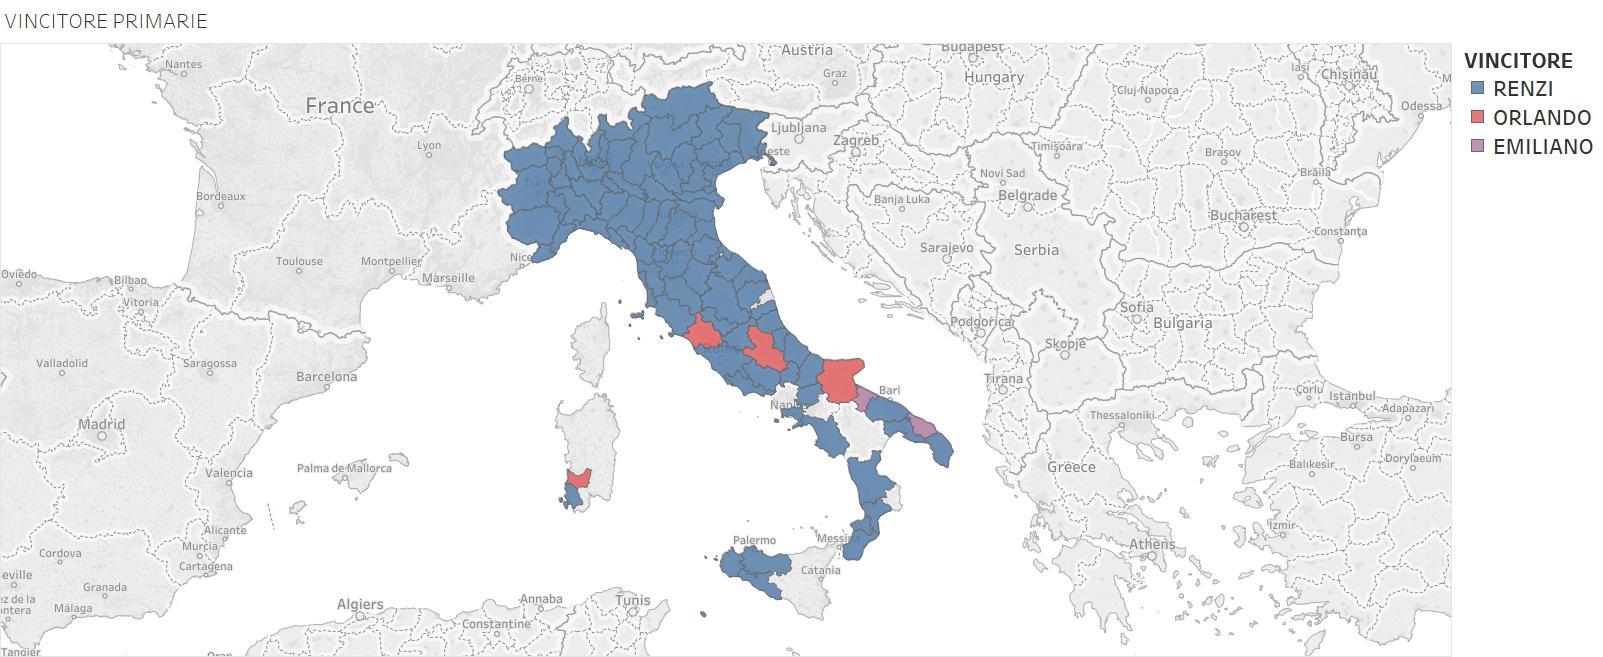 Primarie PD, mappa d'Italia